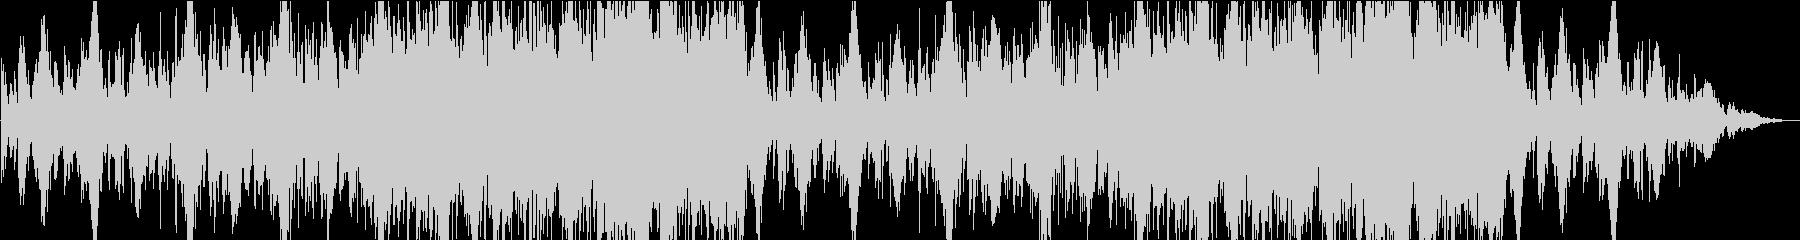 ダークメルヘンなゆったりとぼけた曲の未再生の波形